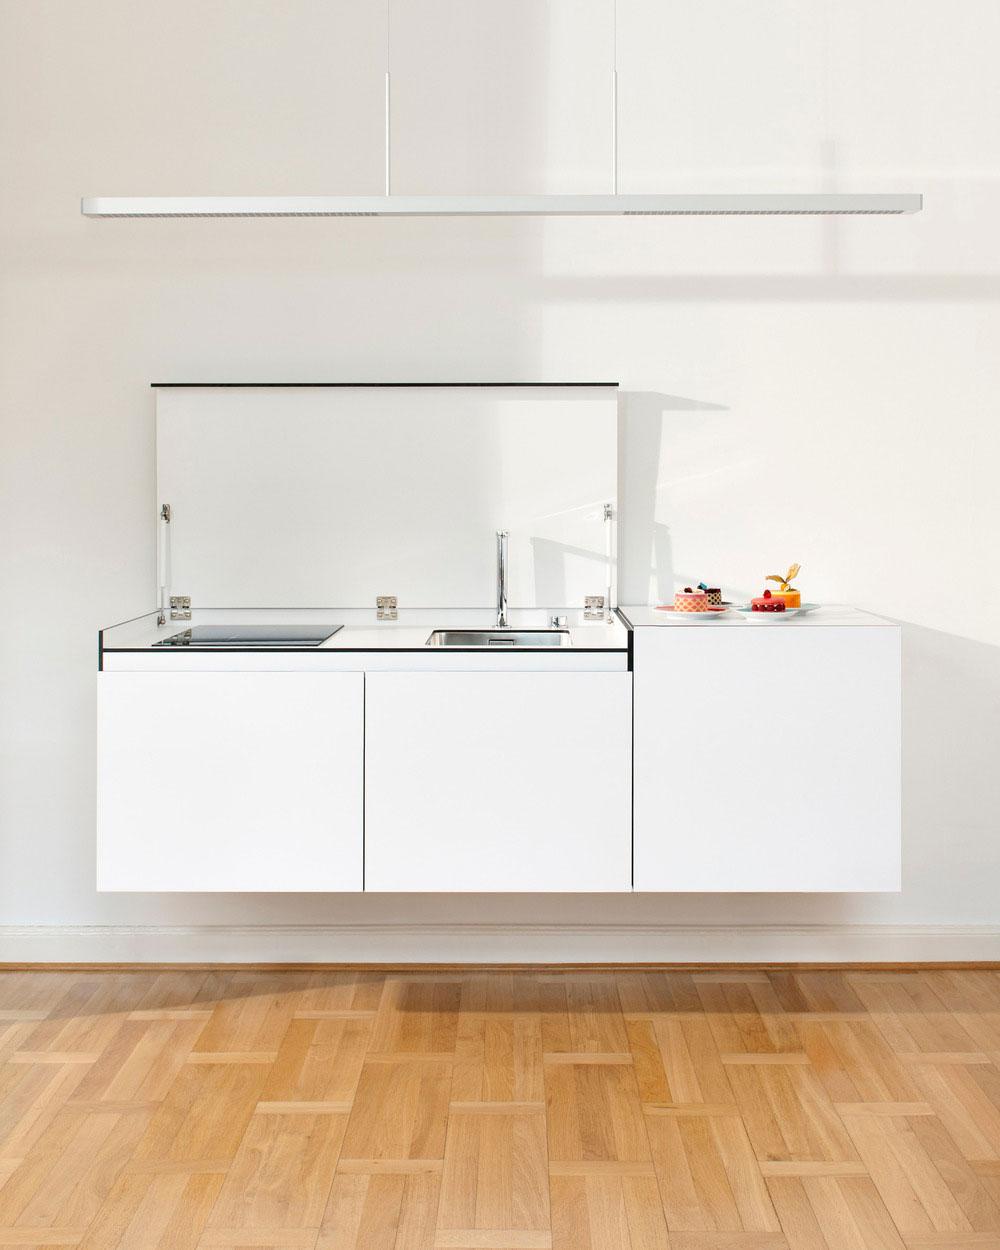 Стильный дизайн кухни небольших размеров - открытая раковина